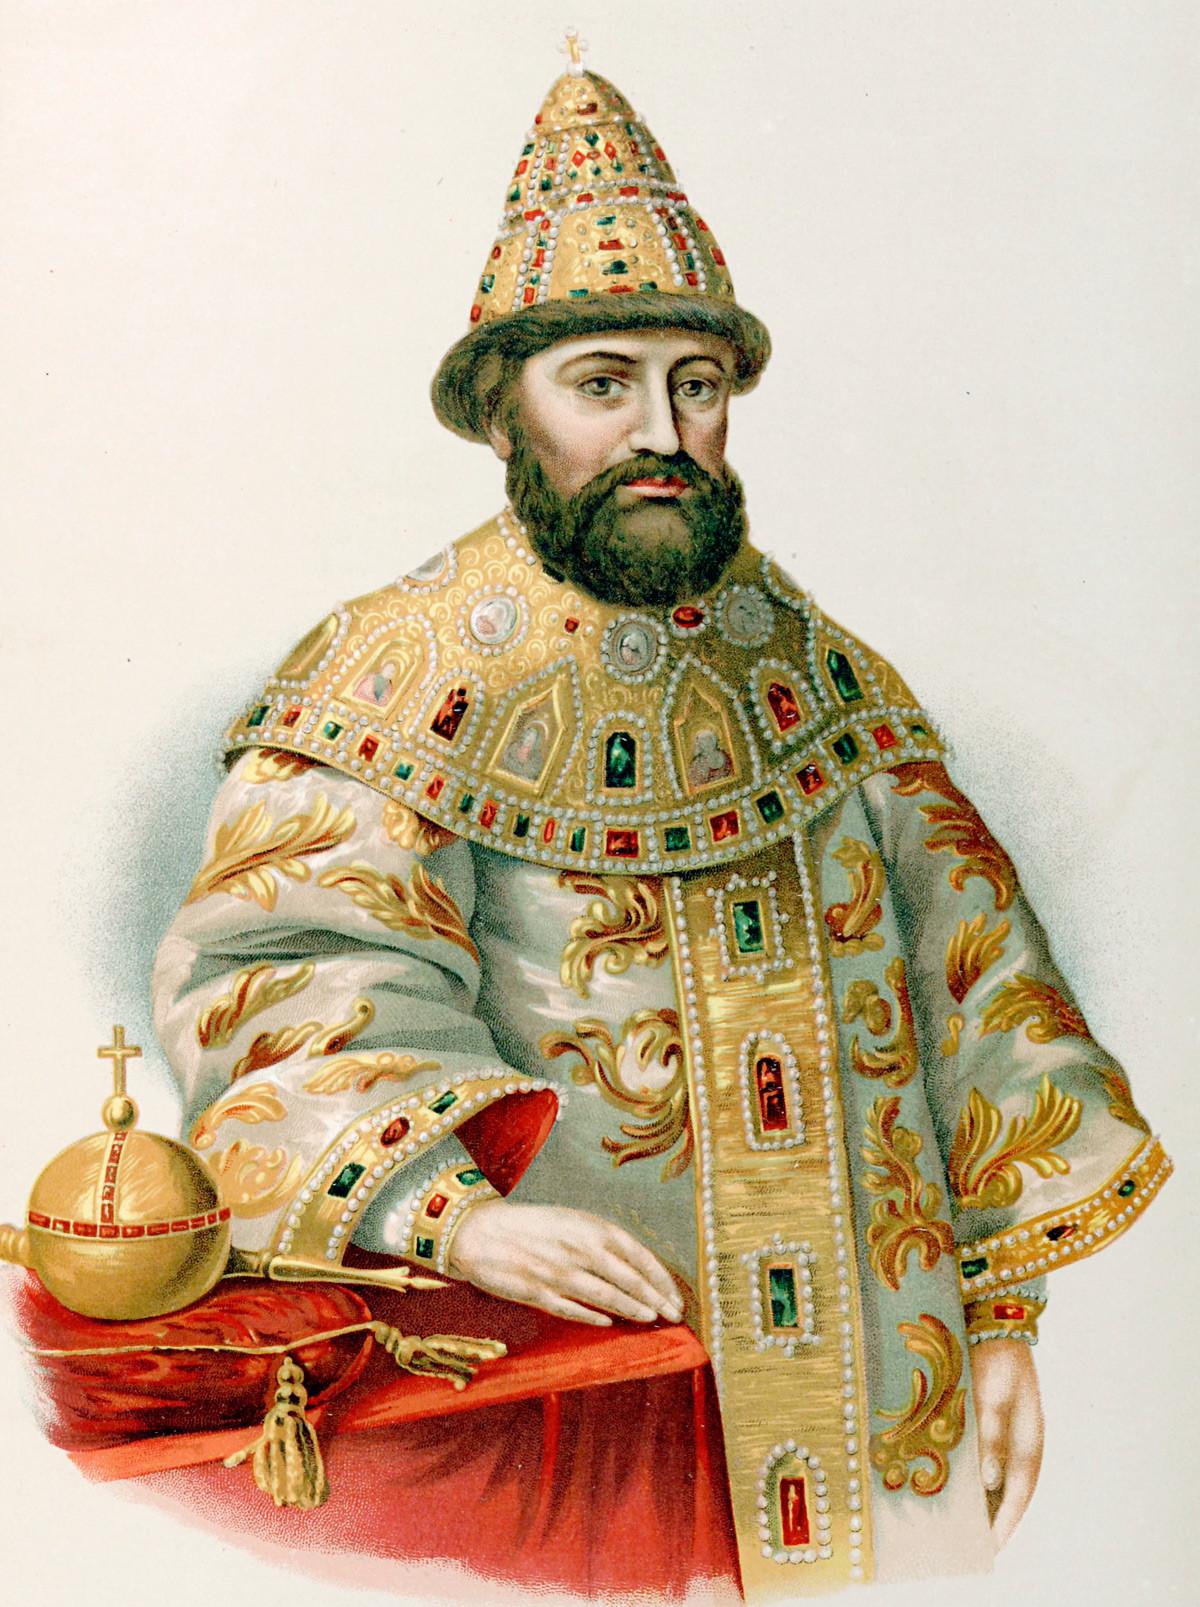 ロマノフ家の最初のツァーリ、ミハイル・ロマノフ。